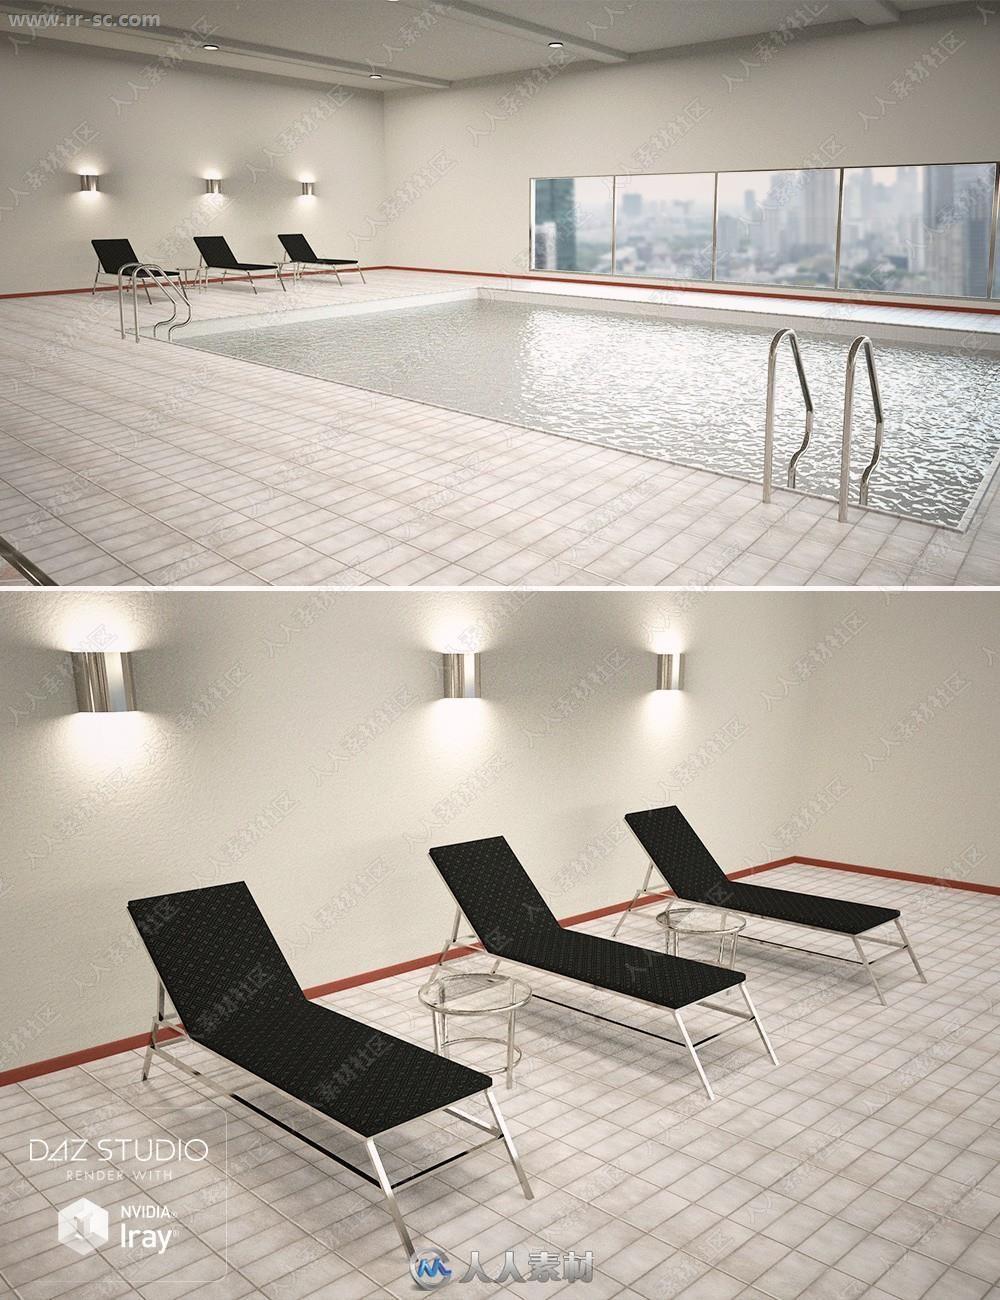 洁净泳池躺椅桌子设施3D模型